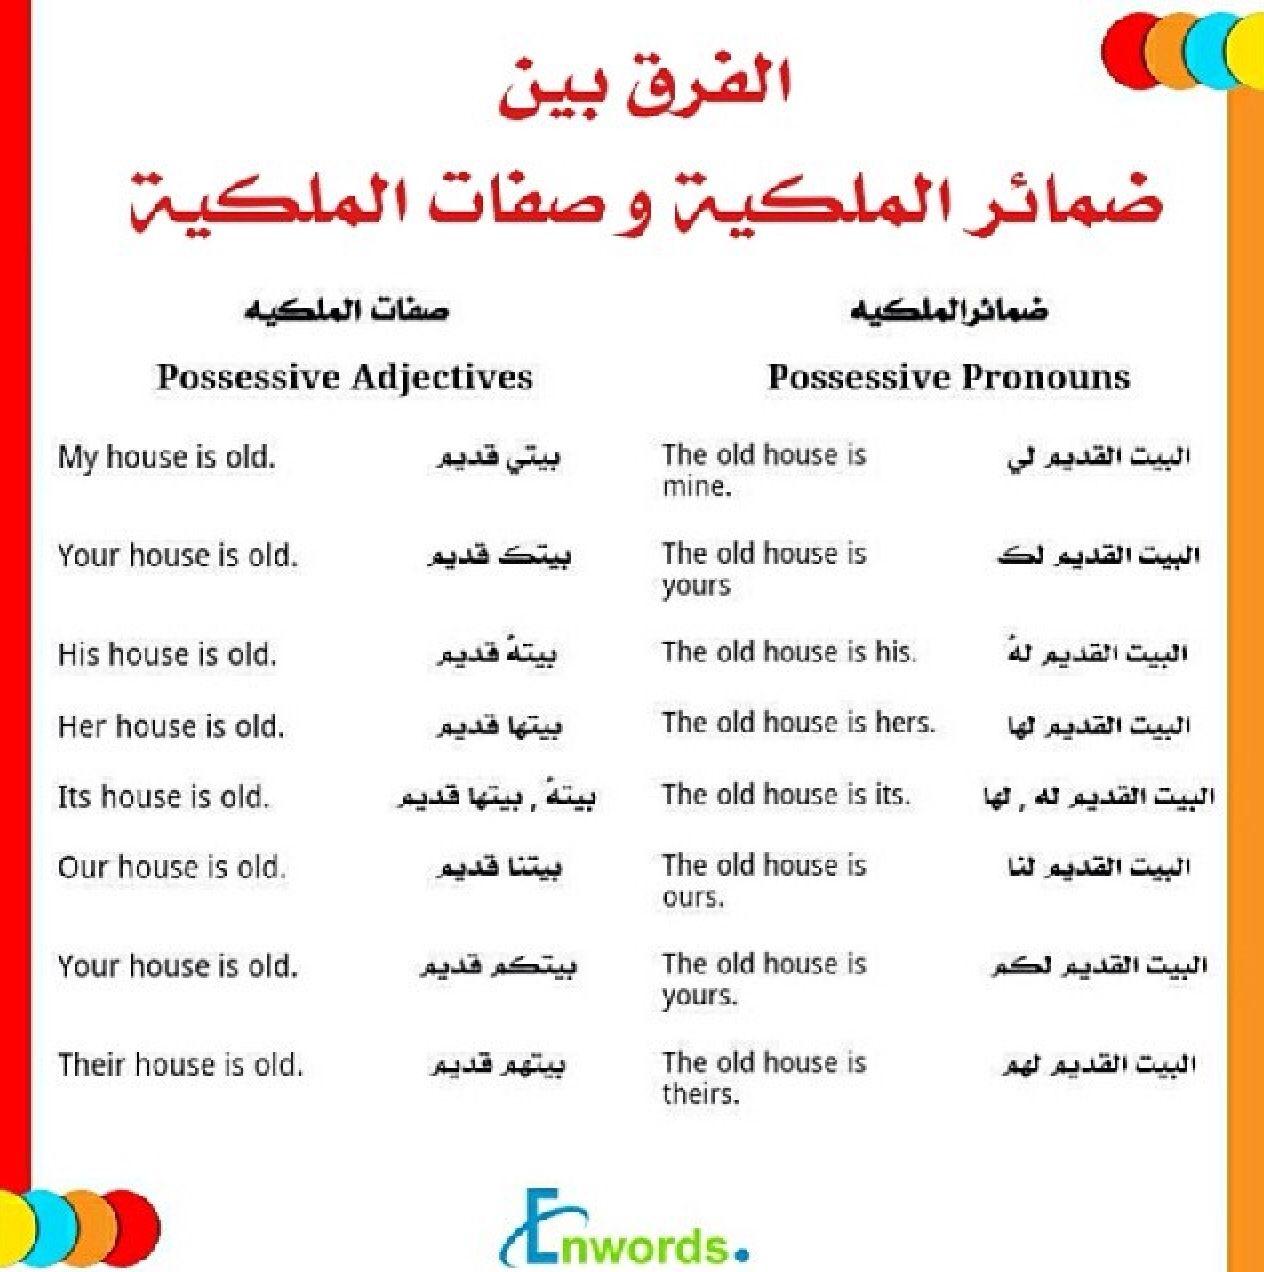 تعلم قواعد اللغة الانجليزية معناenwords Learn English Words English Words English Language Learning Grammar